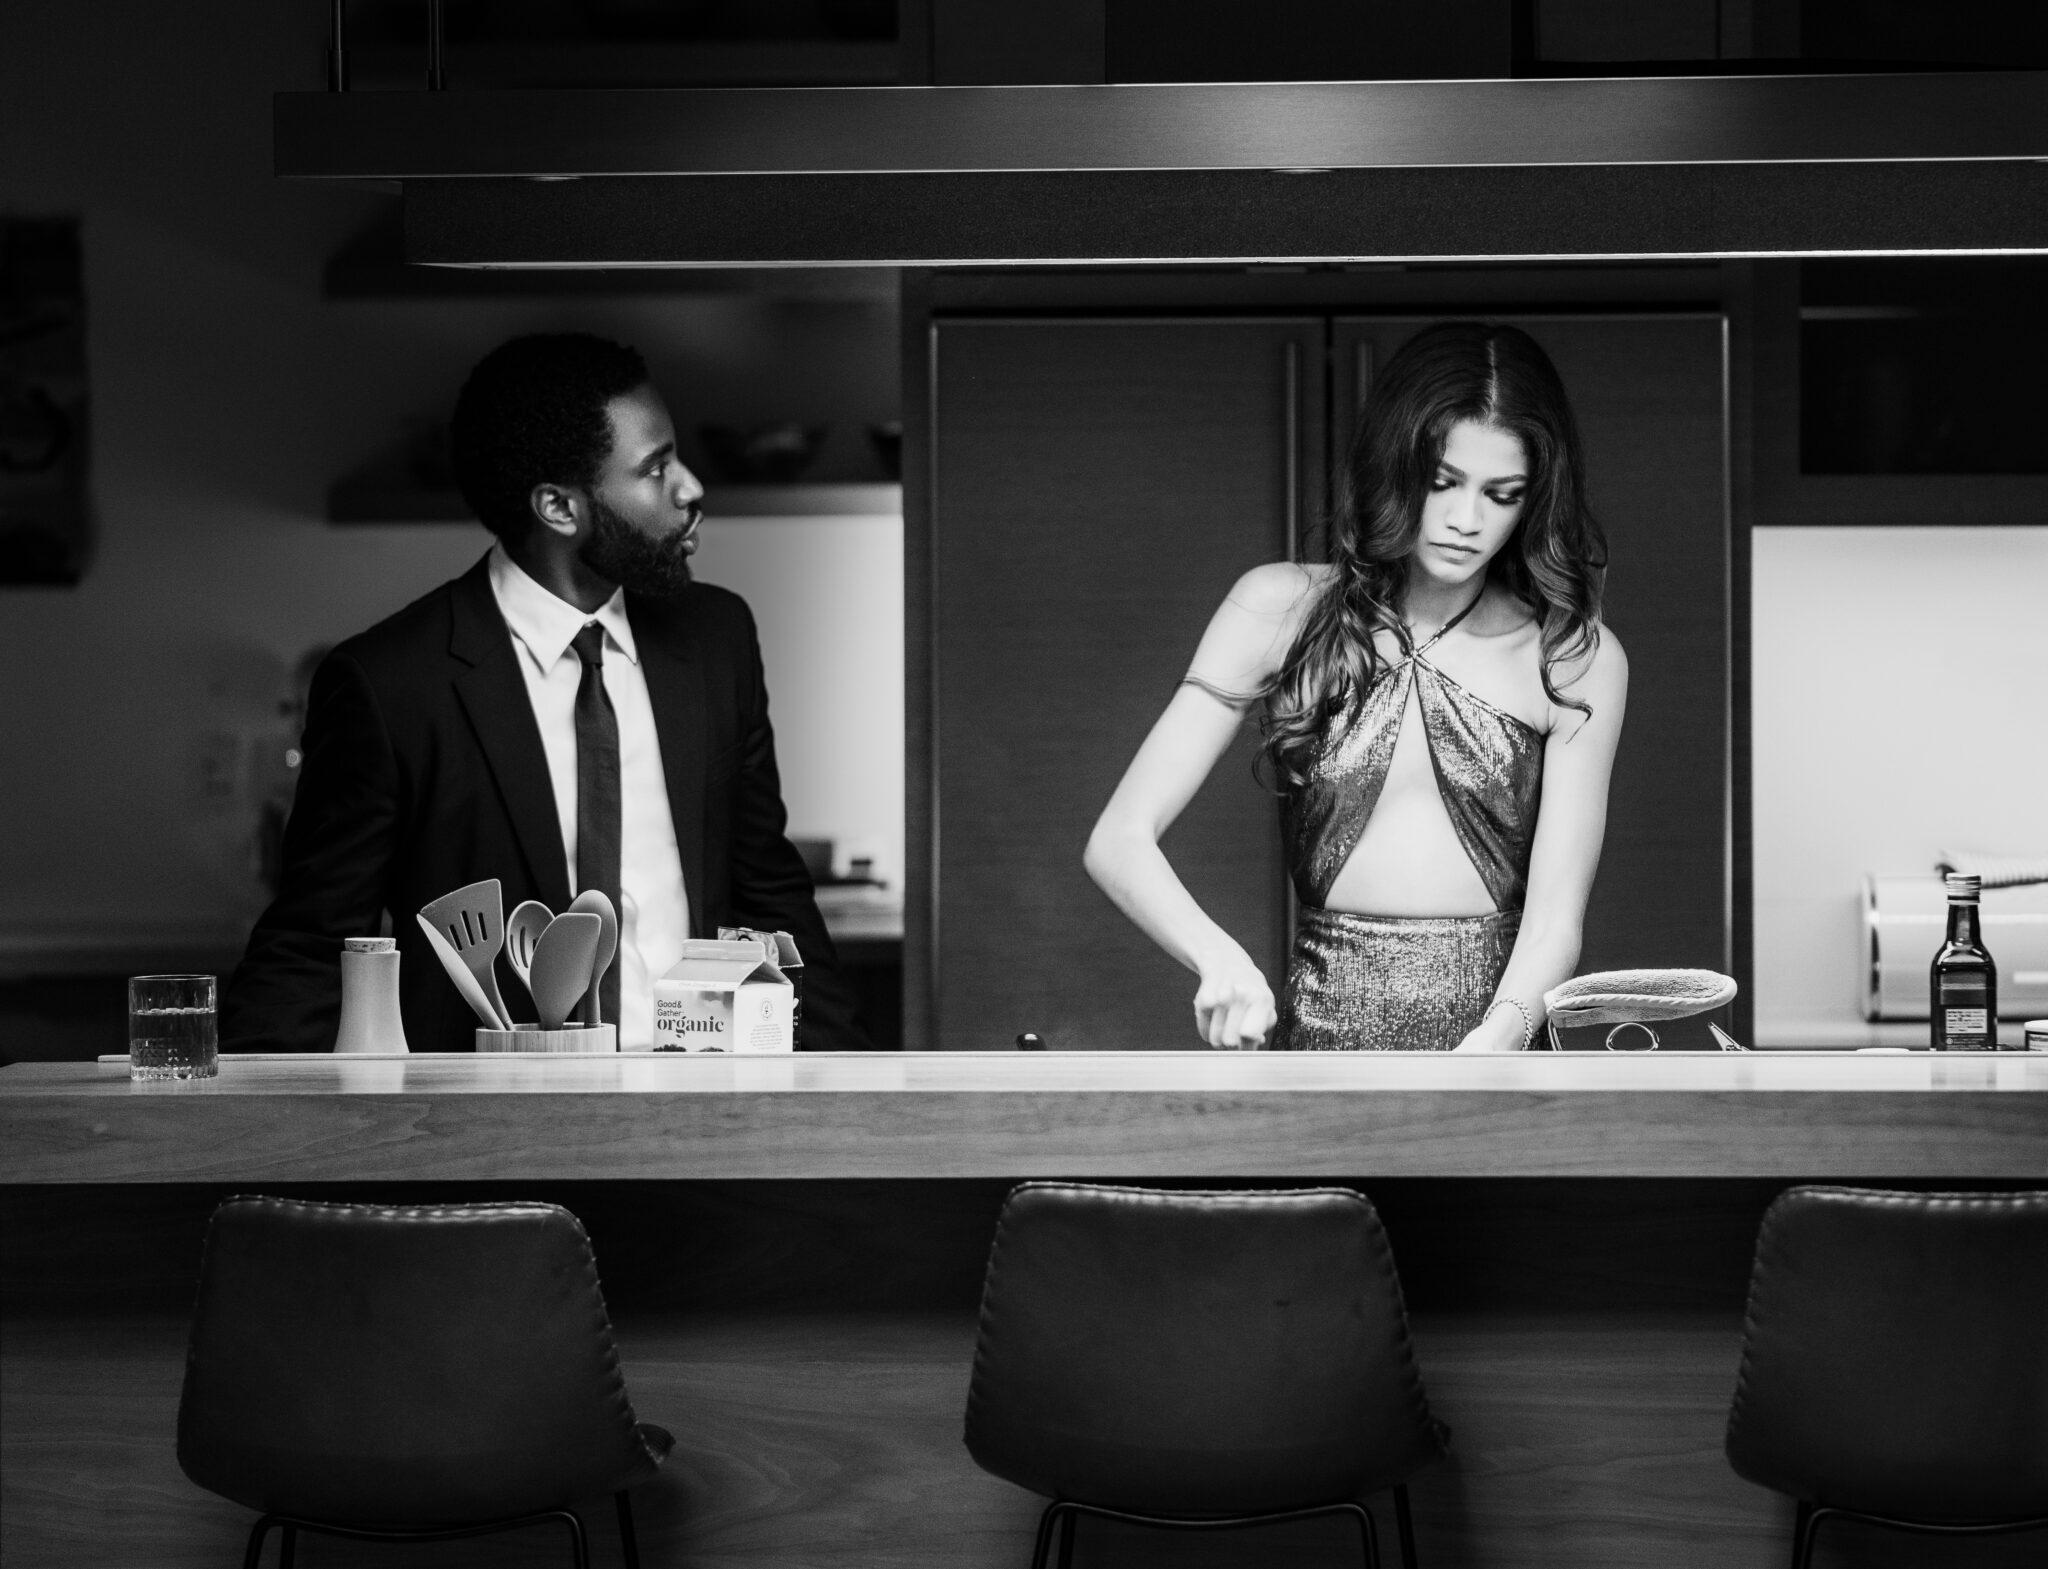 John David Washington und Zendaya hinter einer Kücheninsel. Sie schaut wütend nach unten, während sie etwas schneidet, er scheint etwas in ihre Richtung zu sagen.